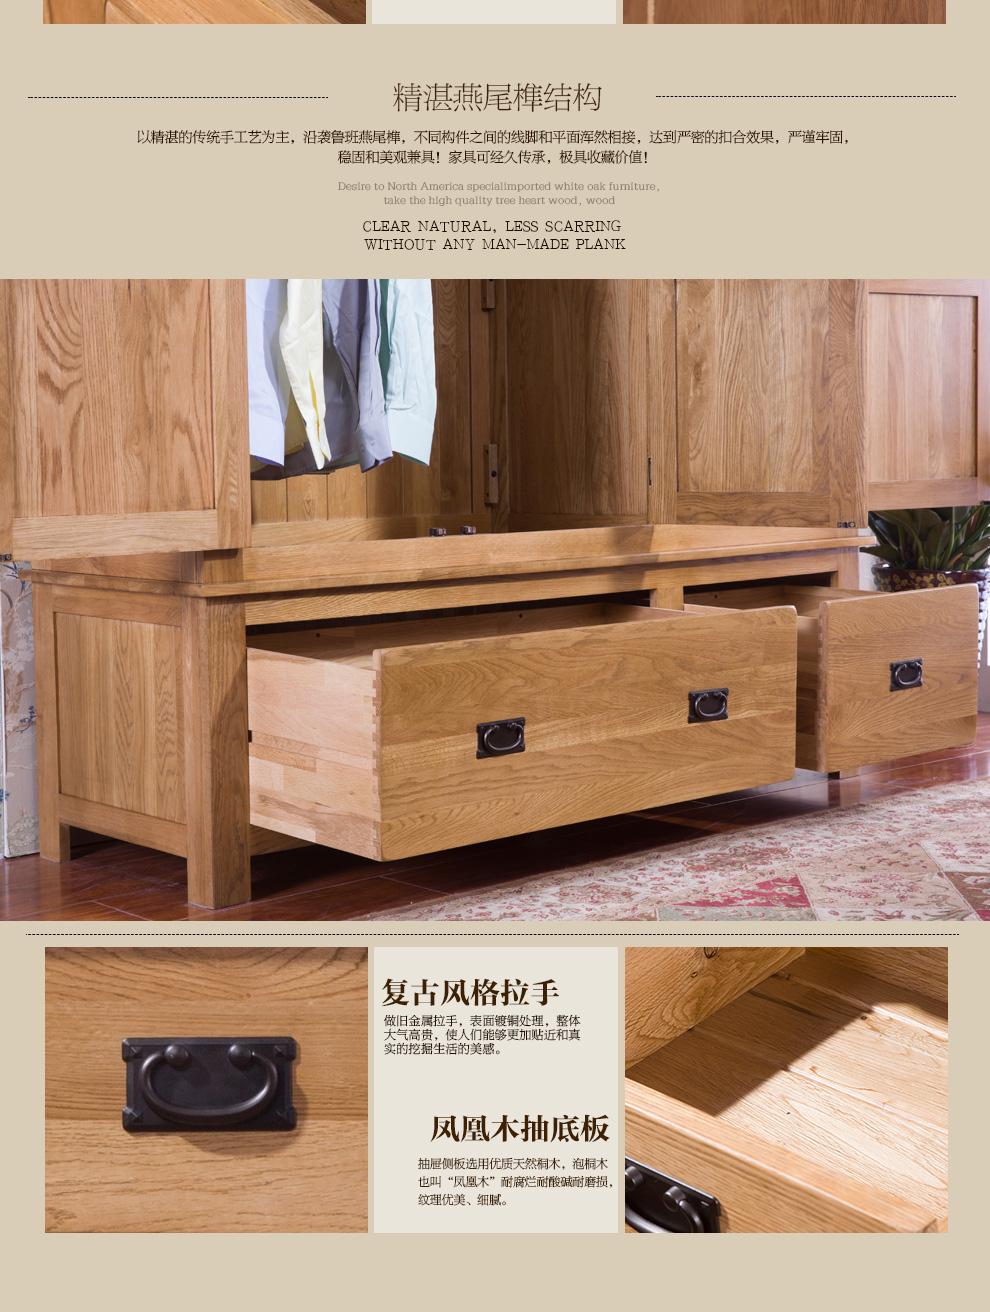 实木衣柜 橡木美式乡村大衣橱 三门 木质整体组合家具 进口橡木 三门